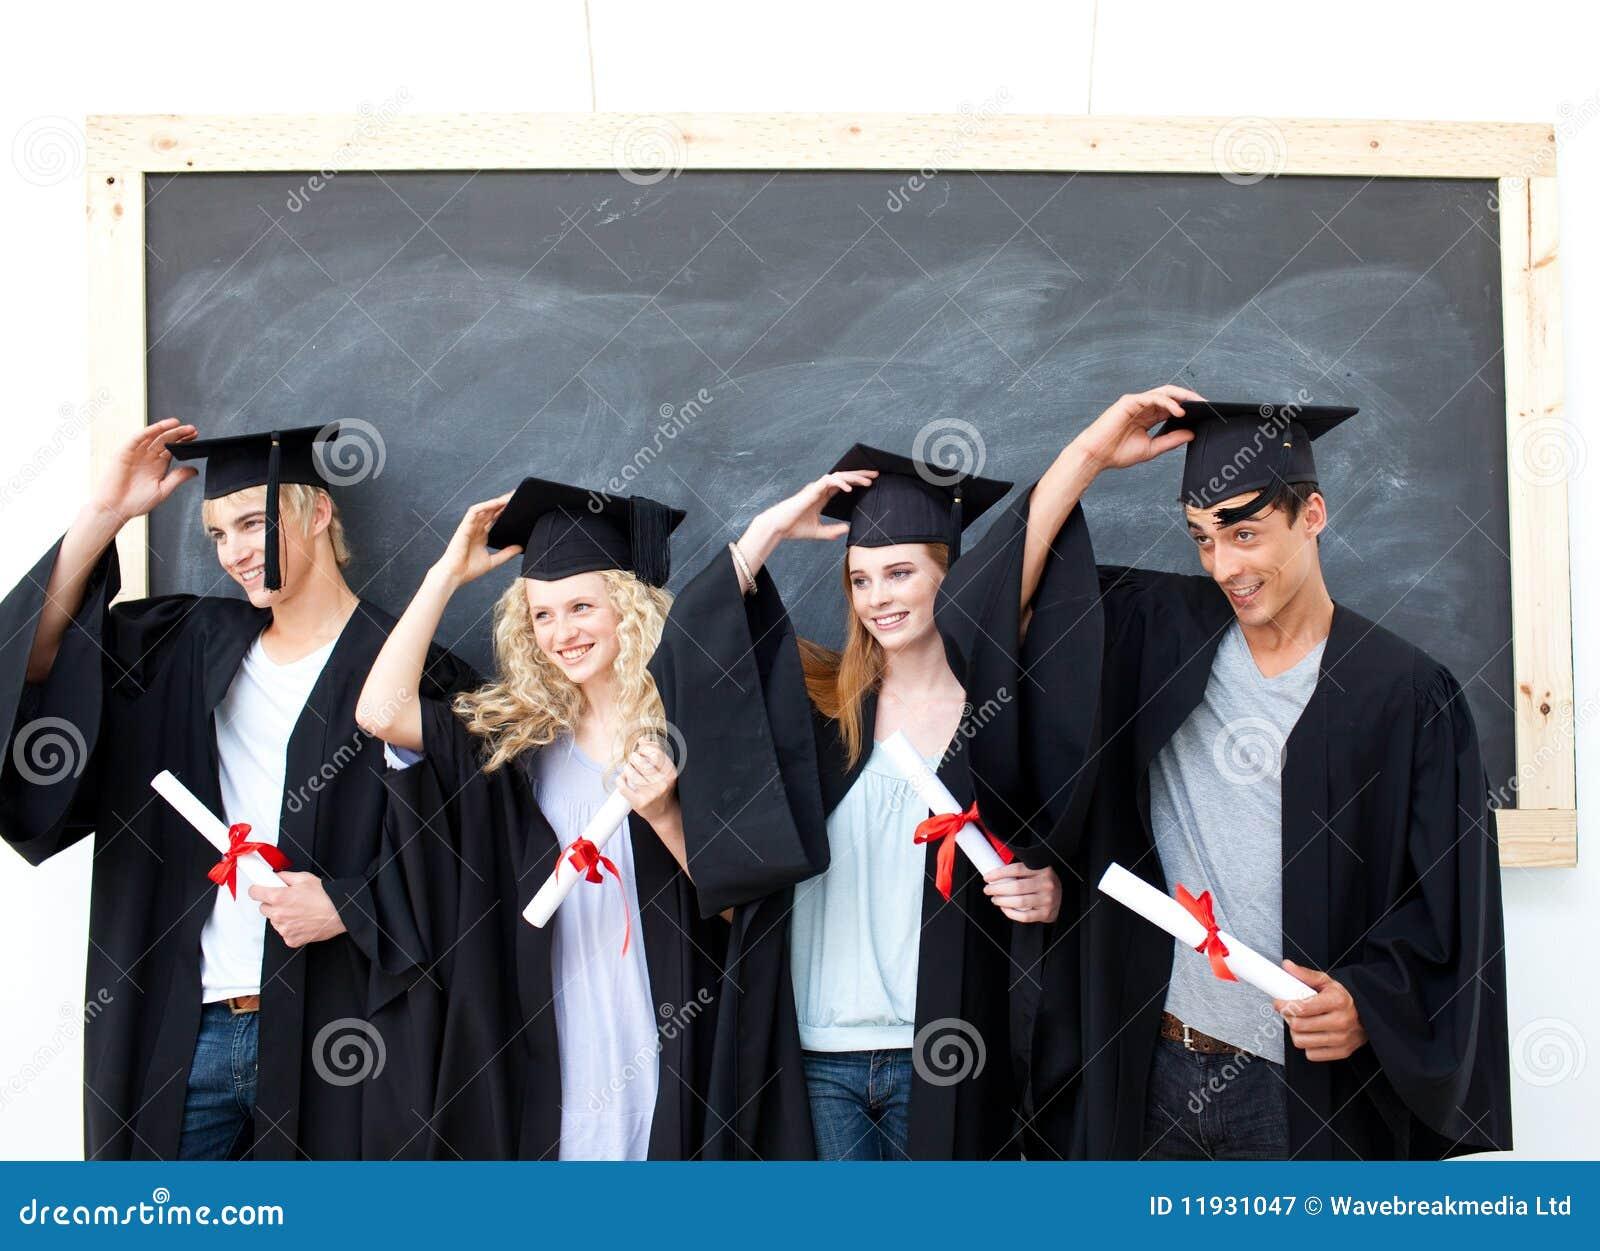 Тинейджеры после школы 22 фотография